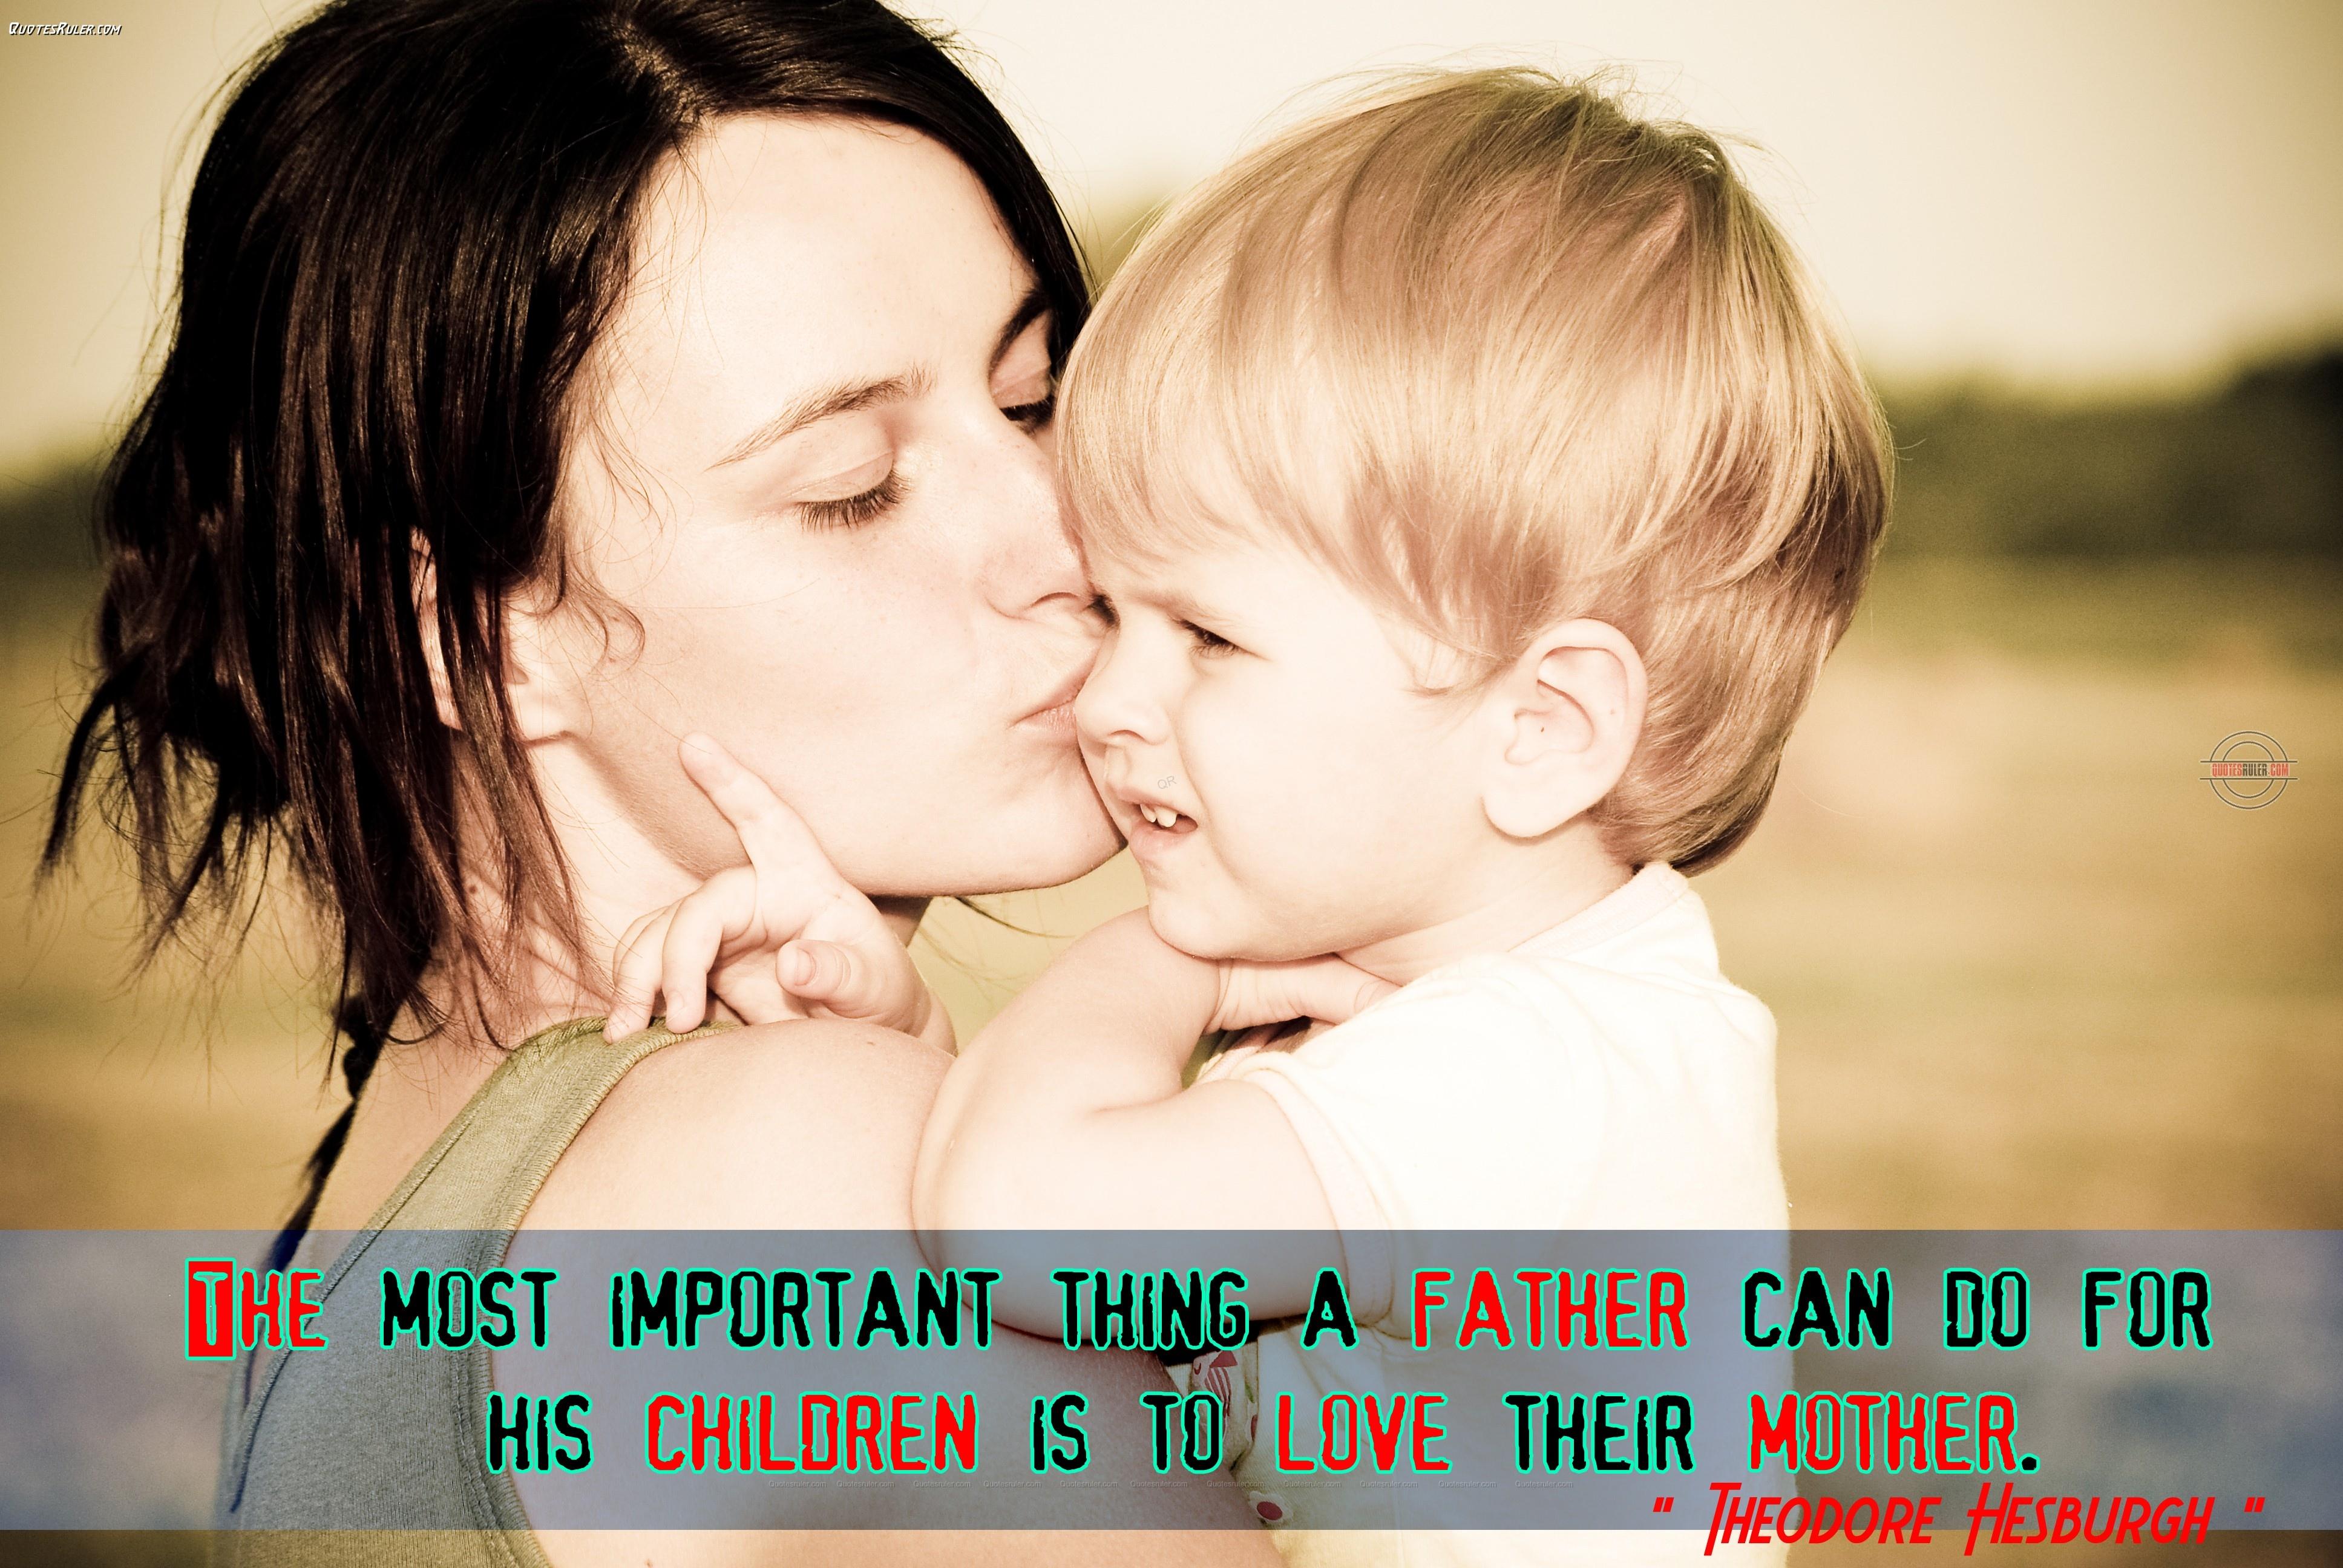 Love Their Mother | Mrs. Scherer